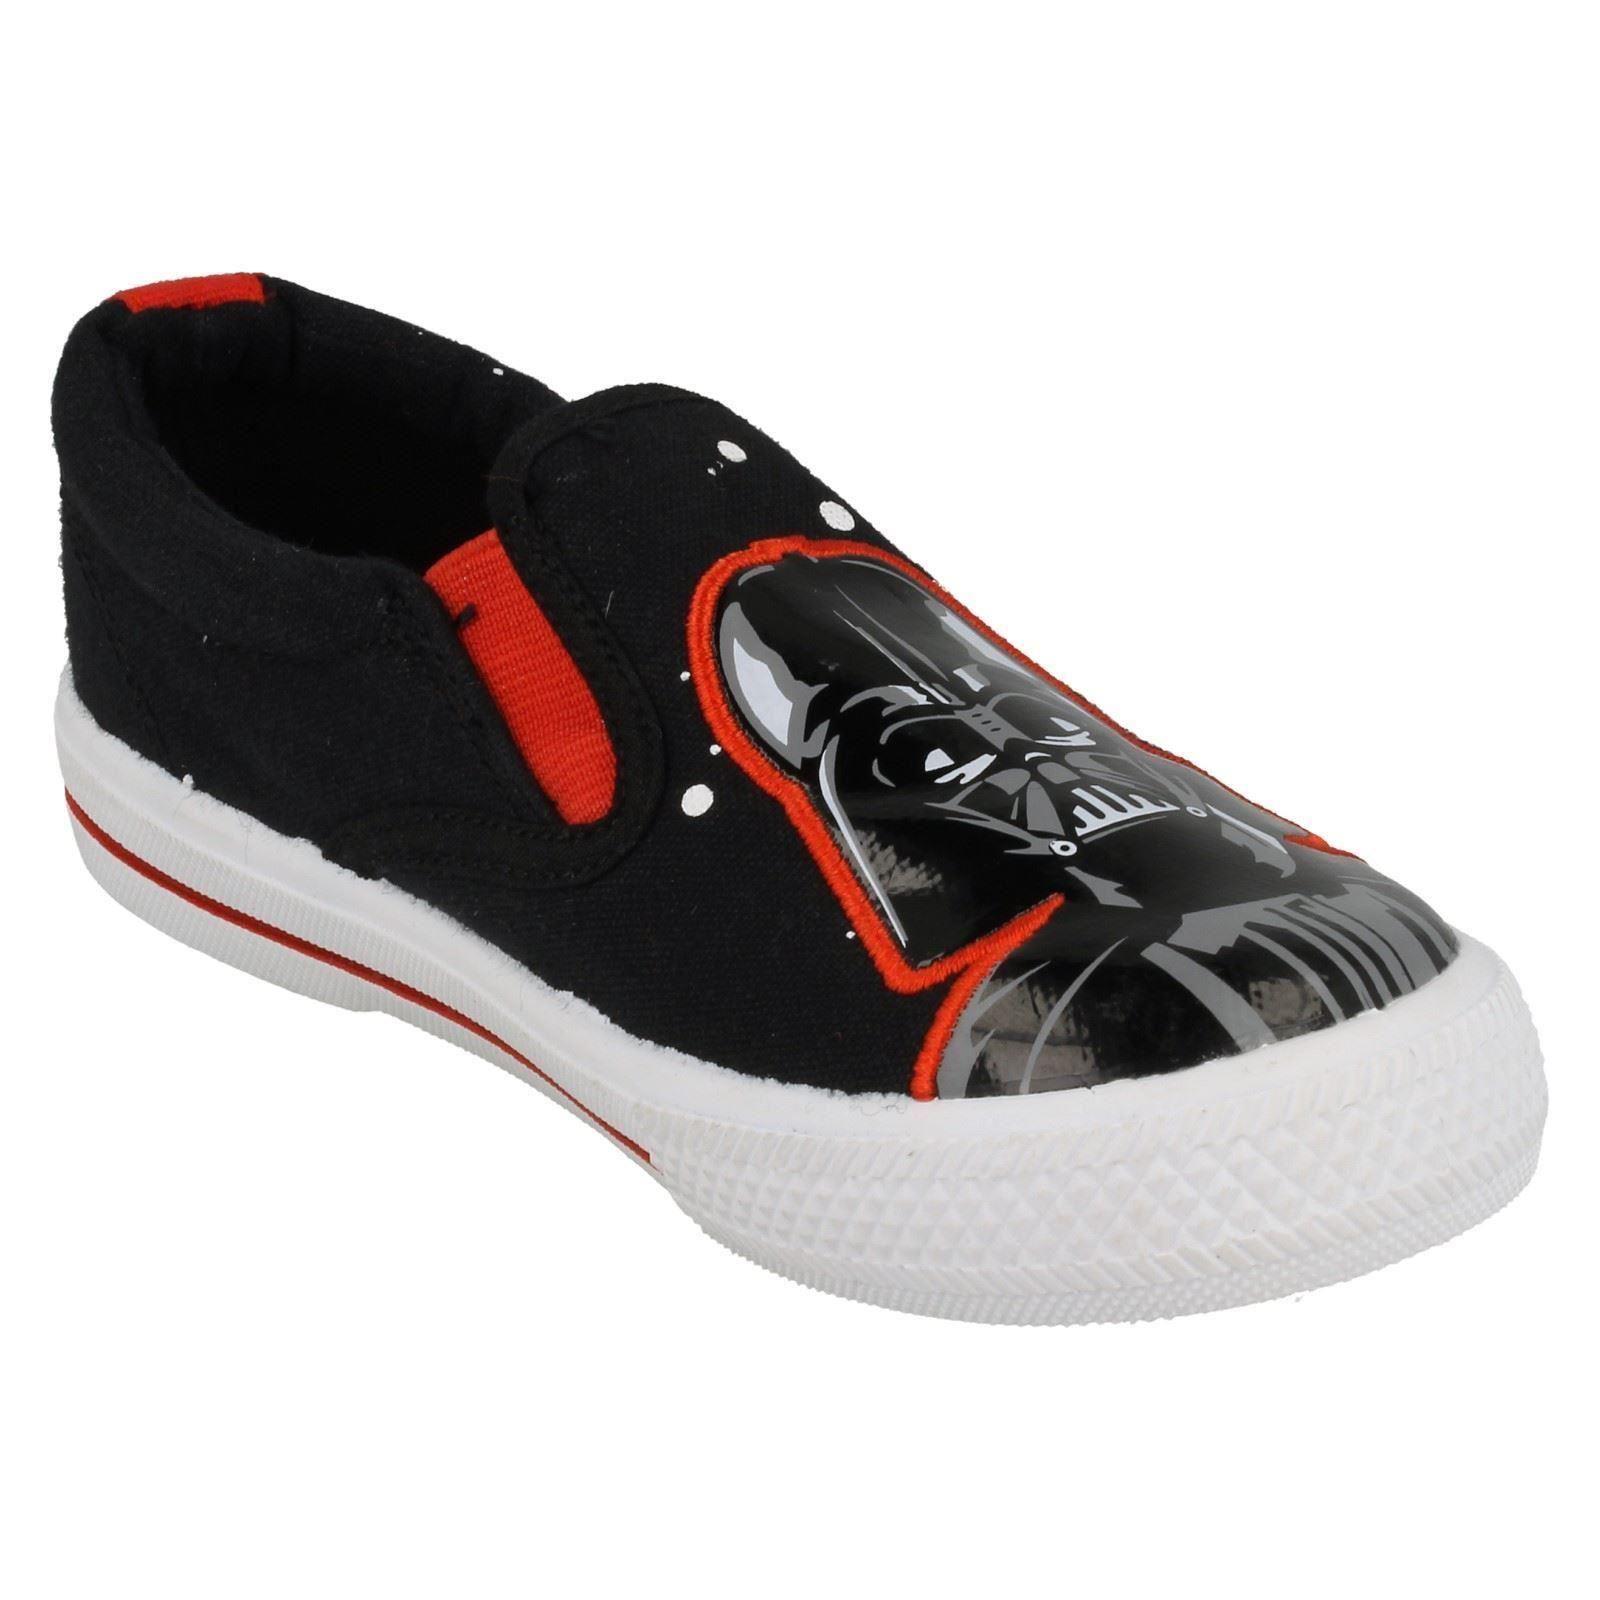 Boys Star Wars /'Earl/' Slip On Canvas Shoe